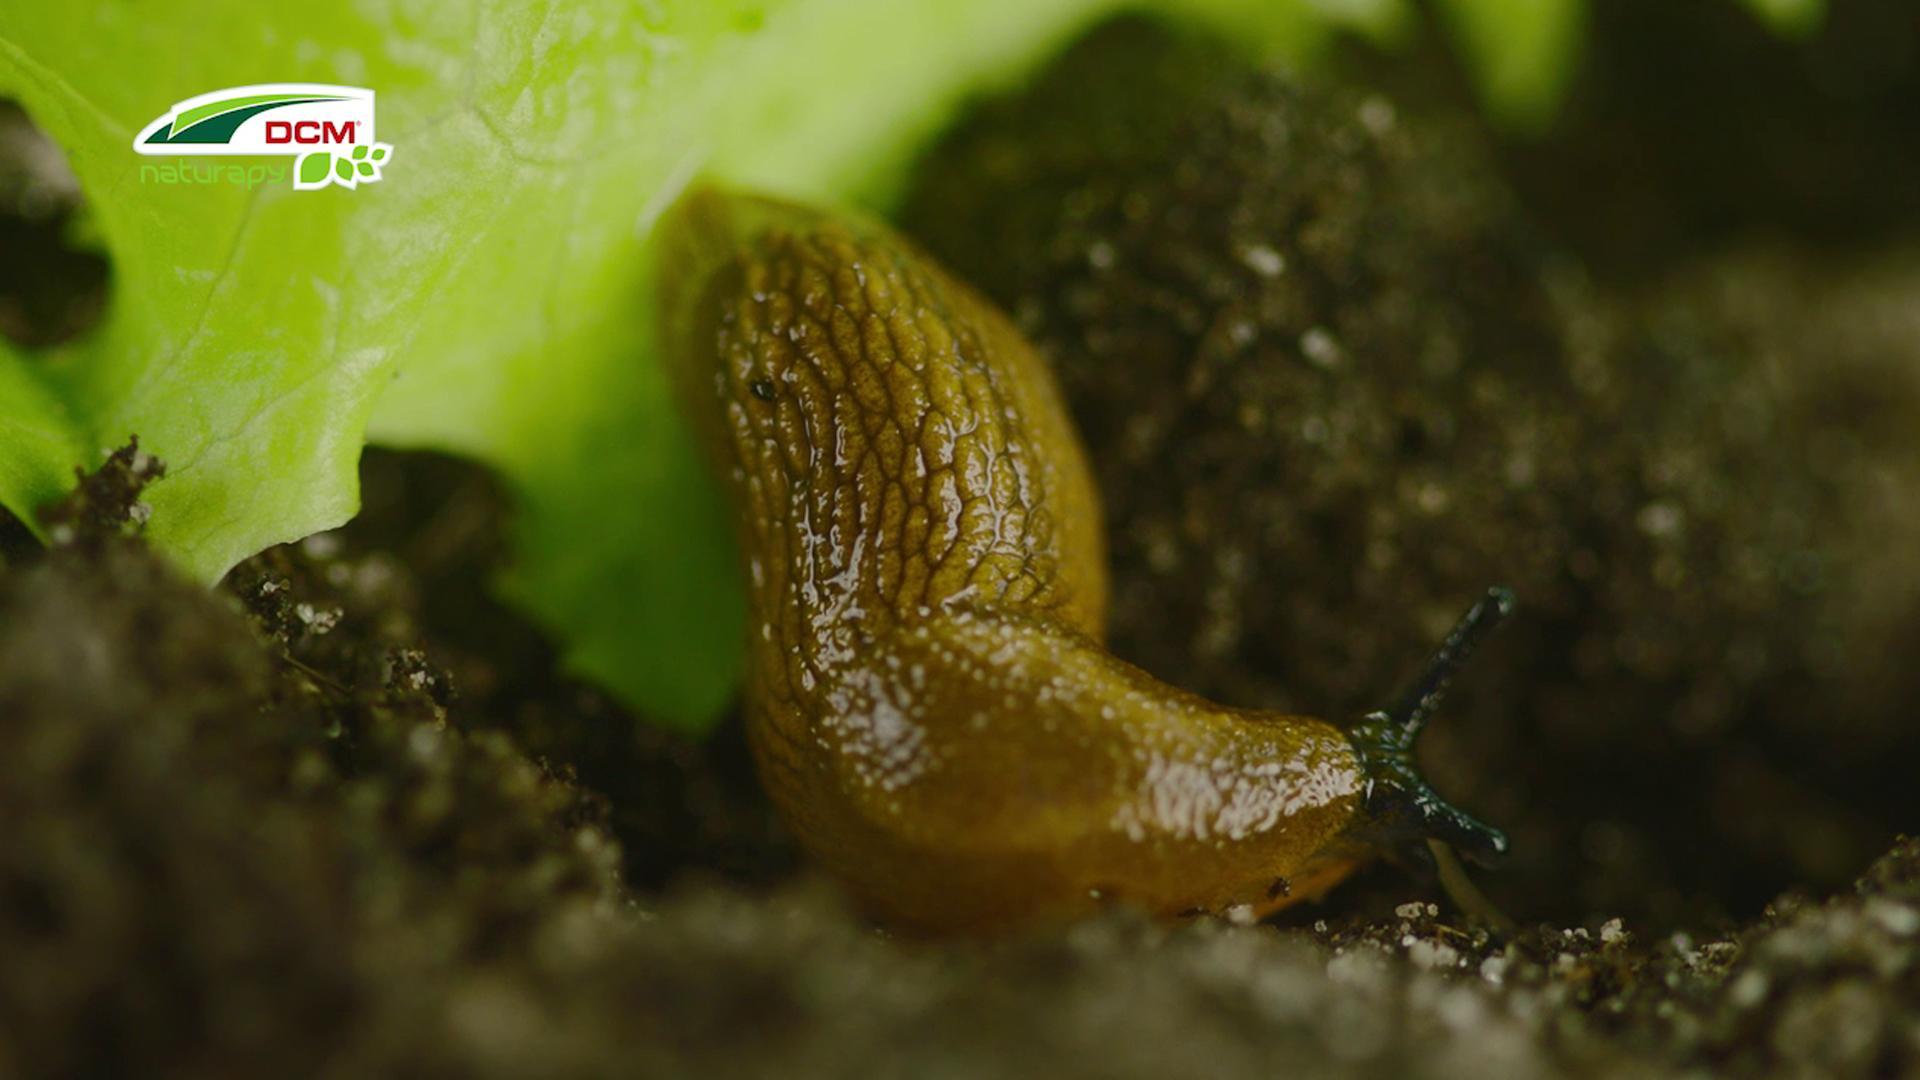 Slakken biologisch bestrijden